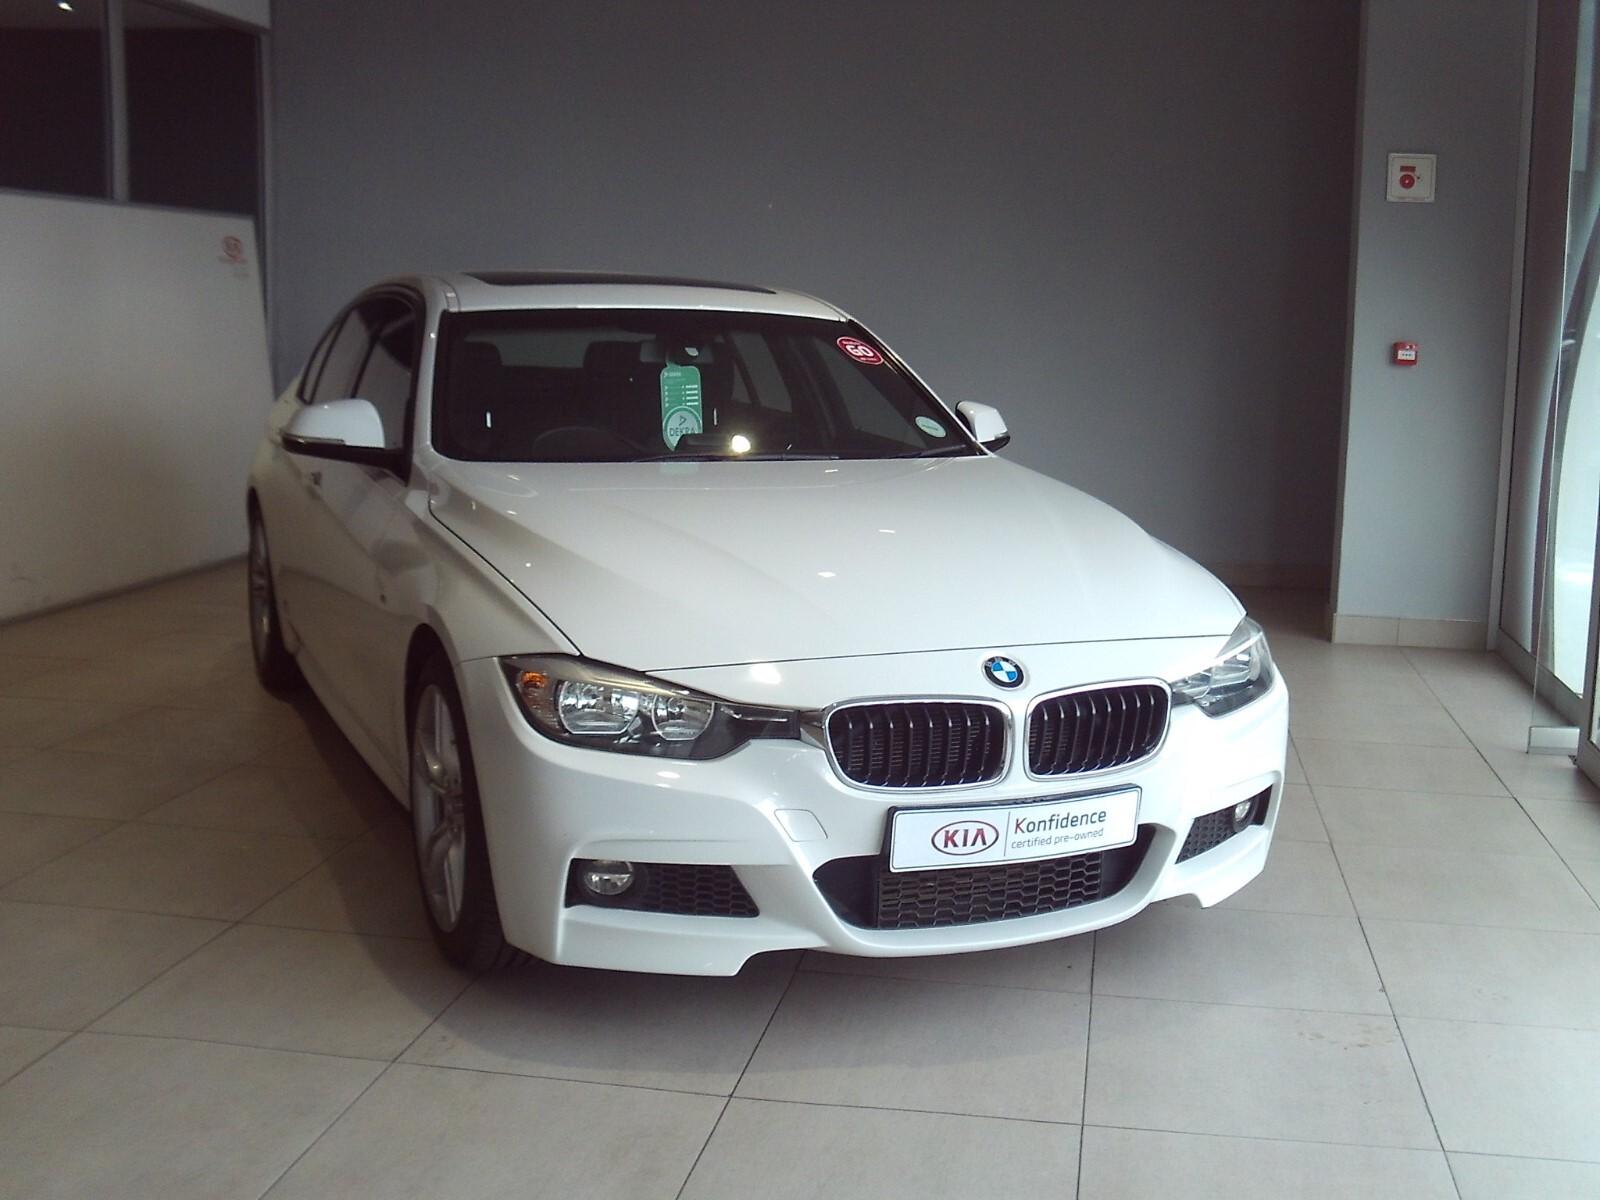 BMW 318i M SPORT A/T (F30) Roodepoort 0335162